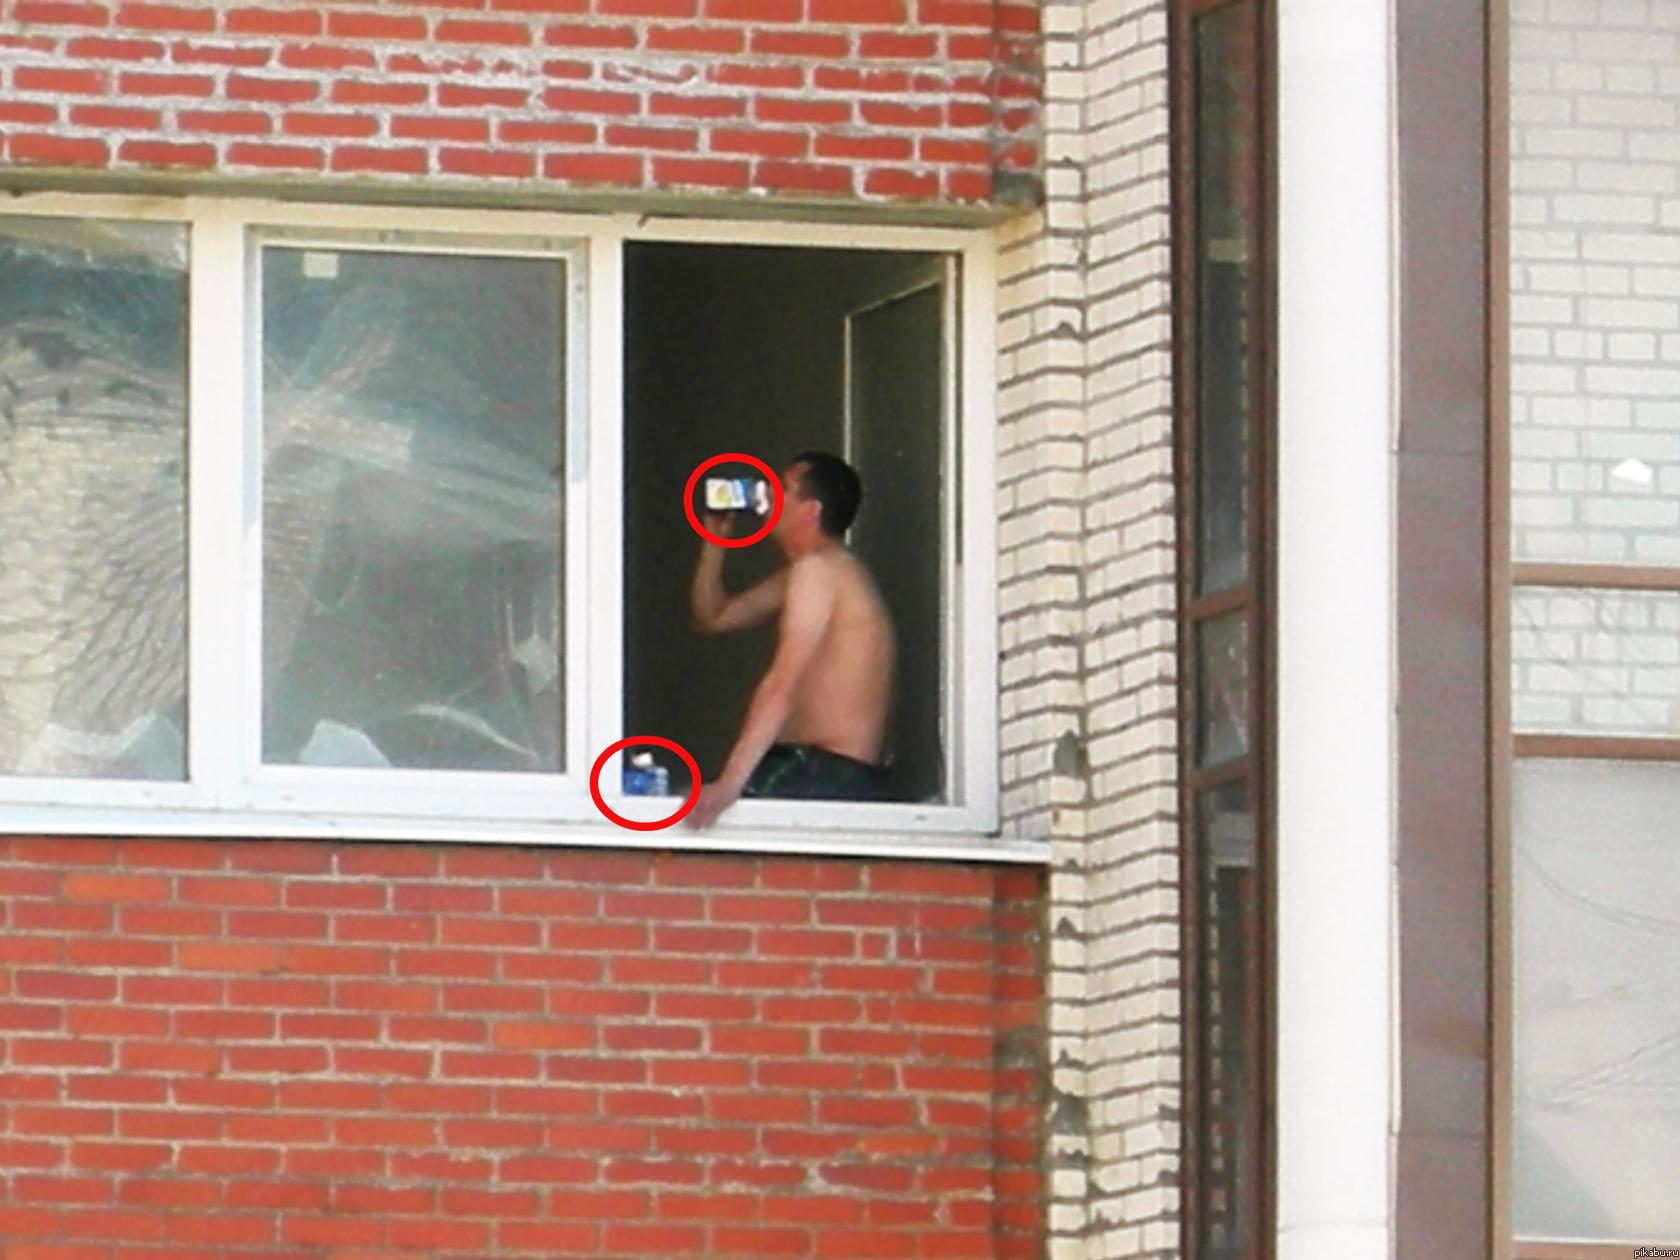 Дядя подсматривает в окно за раздетой соседкой